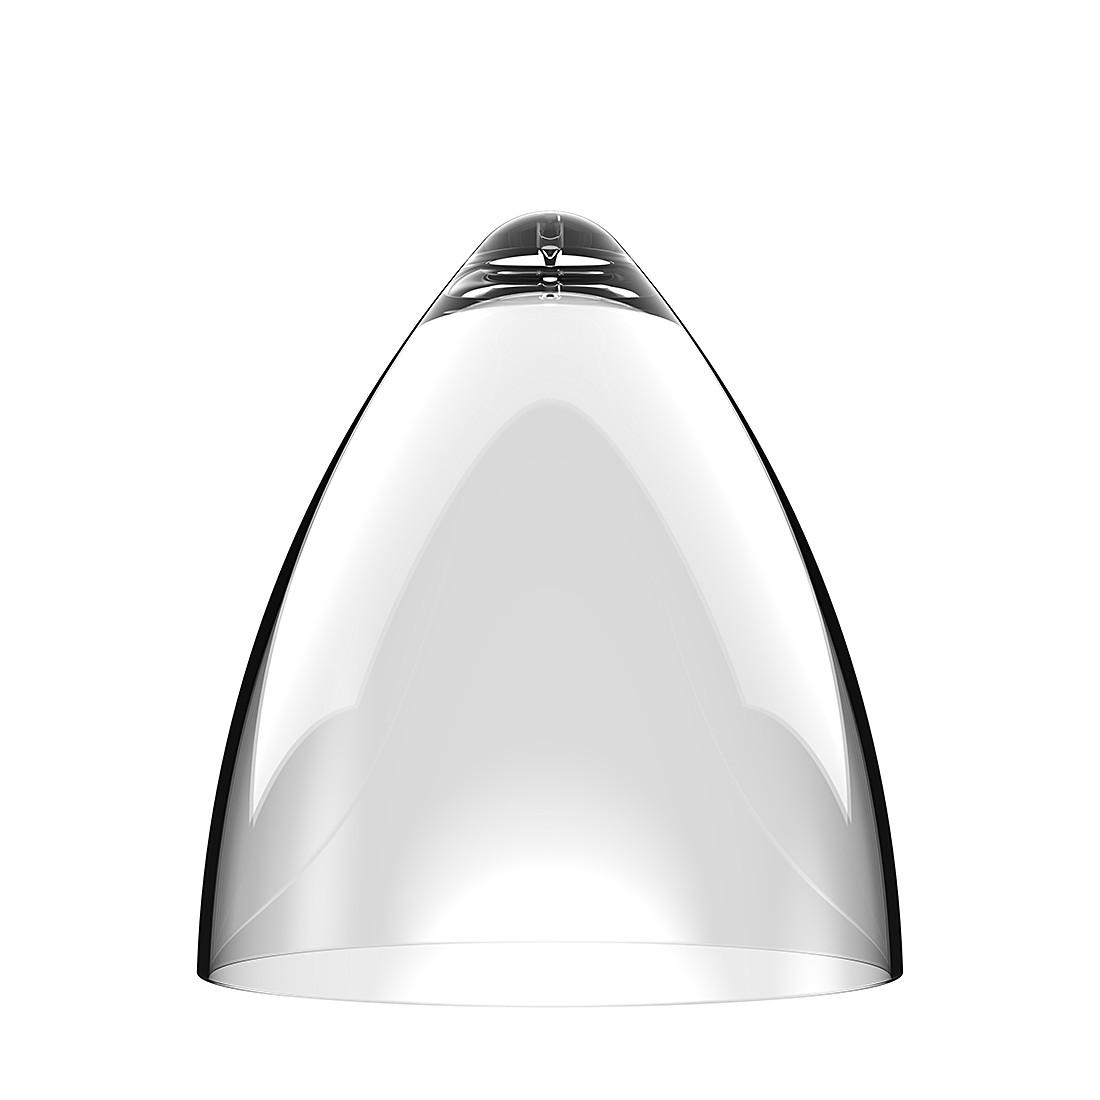 Leuchtschirm Funk ● Acryl Klar ● Durchmesser 27cm- Nordlux